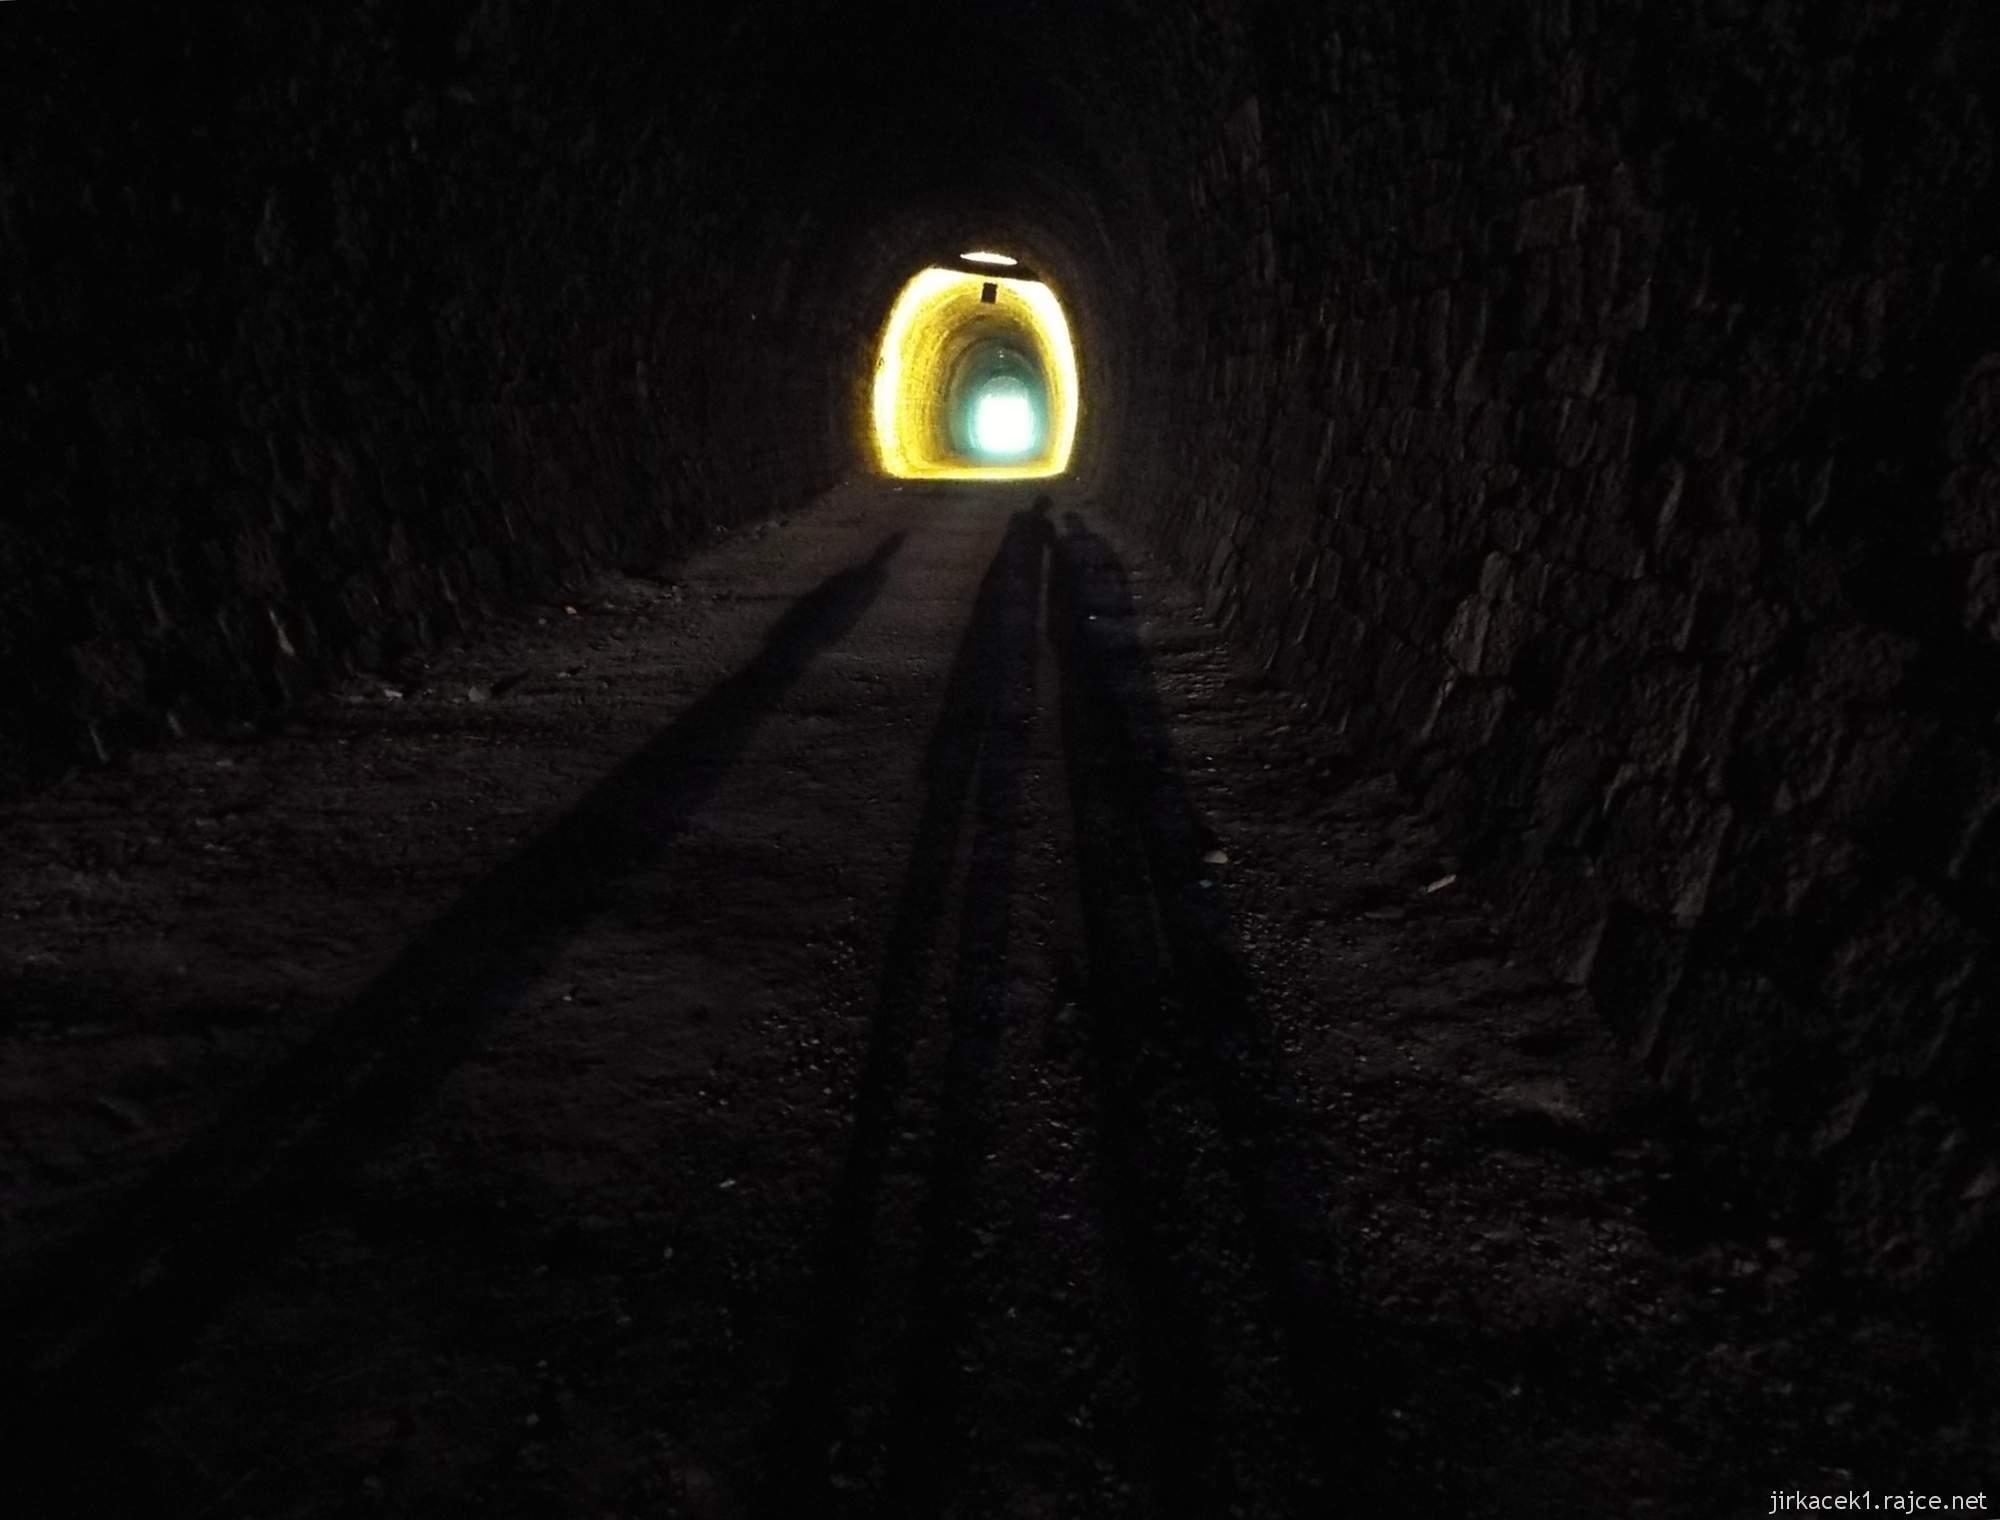 Slavíč - Ferdinandův železniční tunel - mimozemšťani v tunelu